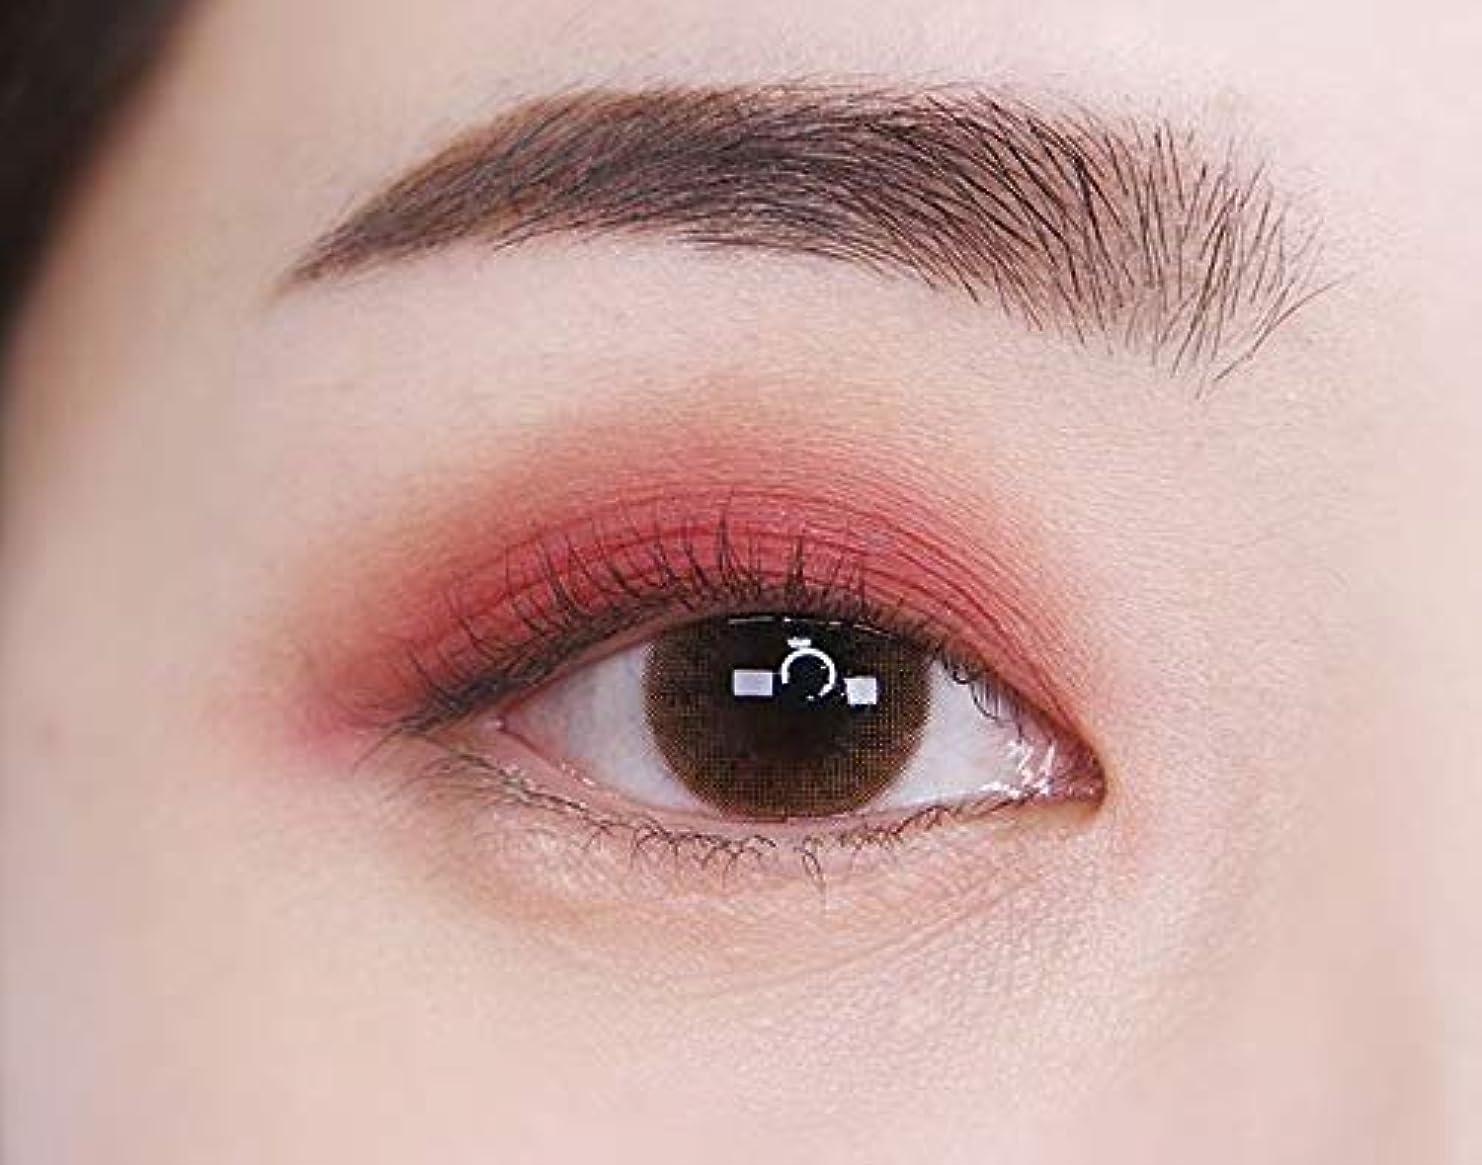 人形事業内容絶妙[イニスフリー] innisfree [マイ パレット マイ アイシャドウ (マット) 2カラー] MY PALETTE My Eyeshadow (Matte) 2 Shades [海外直送品] (マット #52)